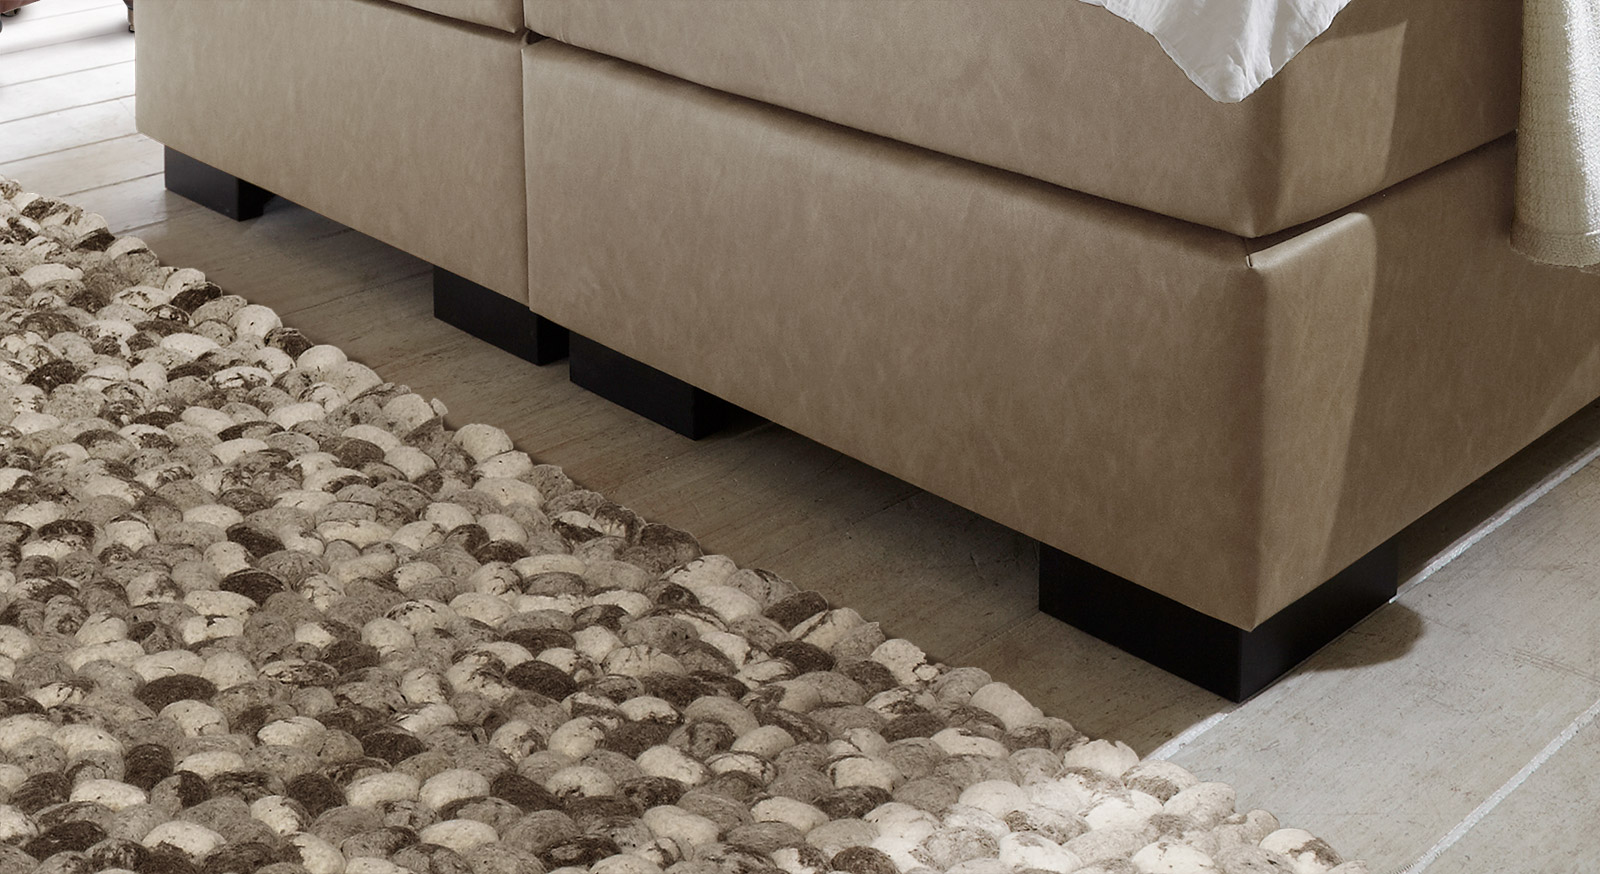 Kunstleder-Boxspringbett Tondela mit niedrigen, wengefarbenen Winkelfüßen